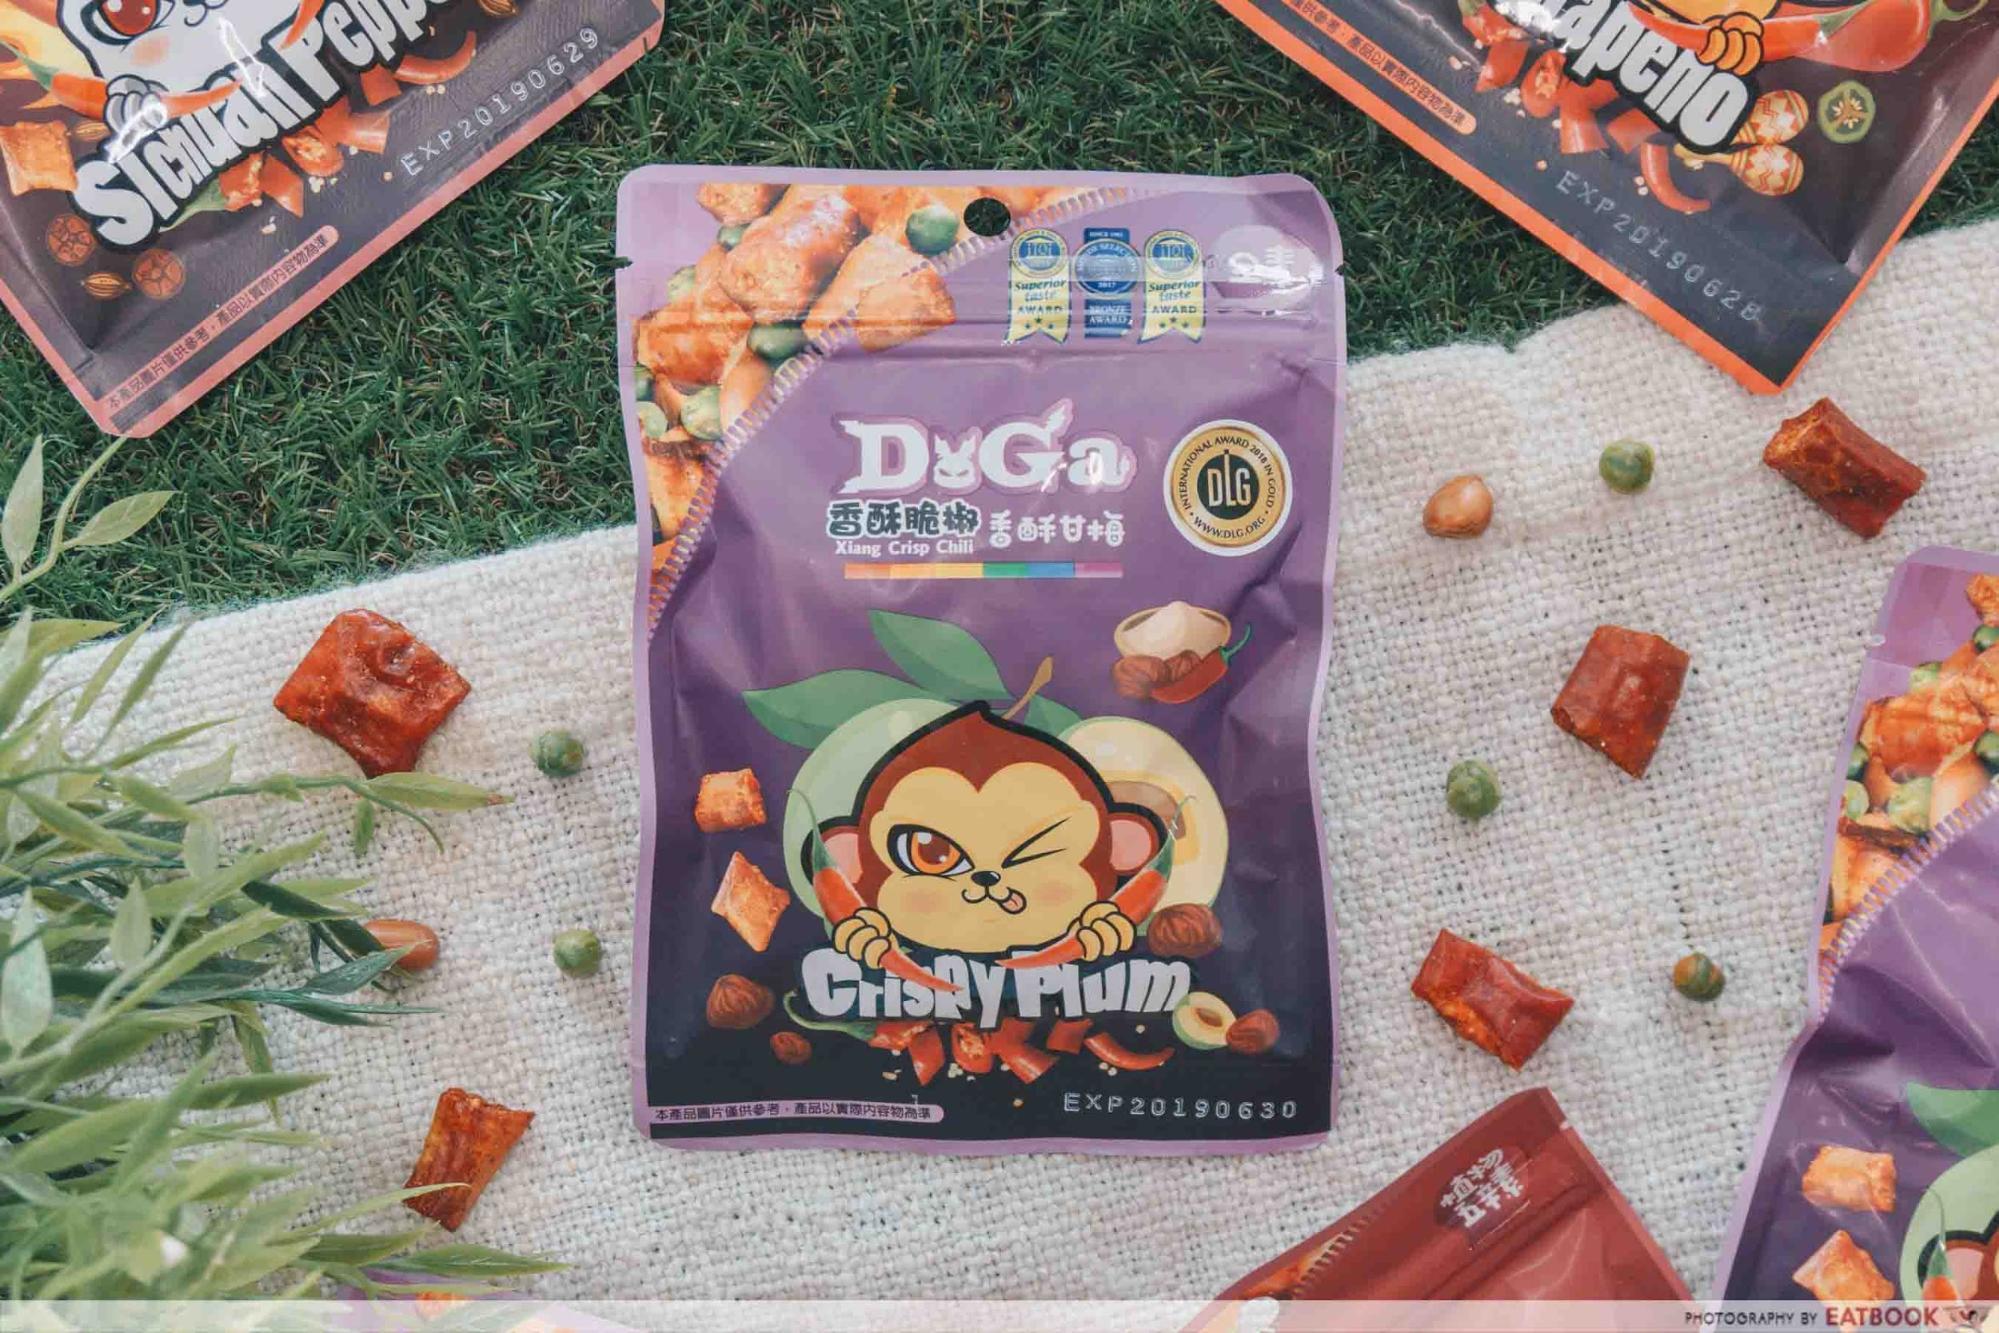 Doga Xiang Crisp Chili - Crispy Plum